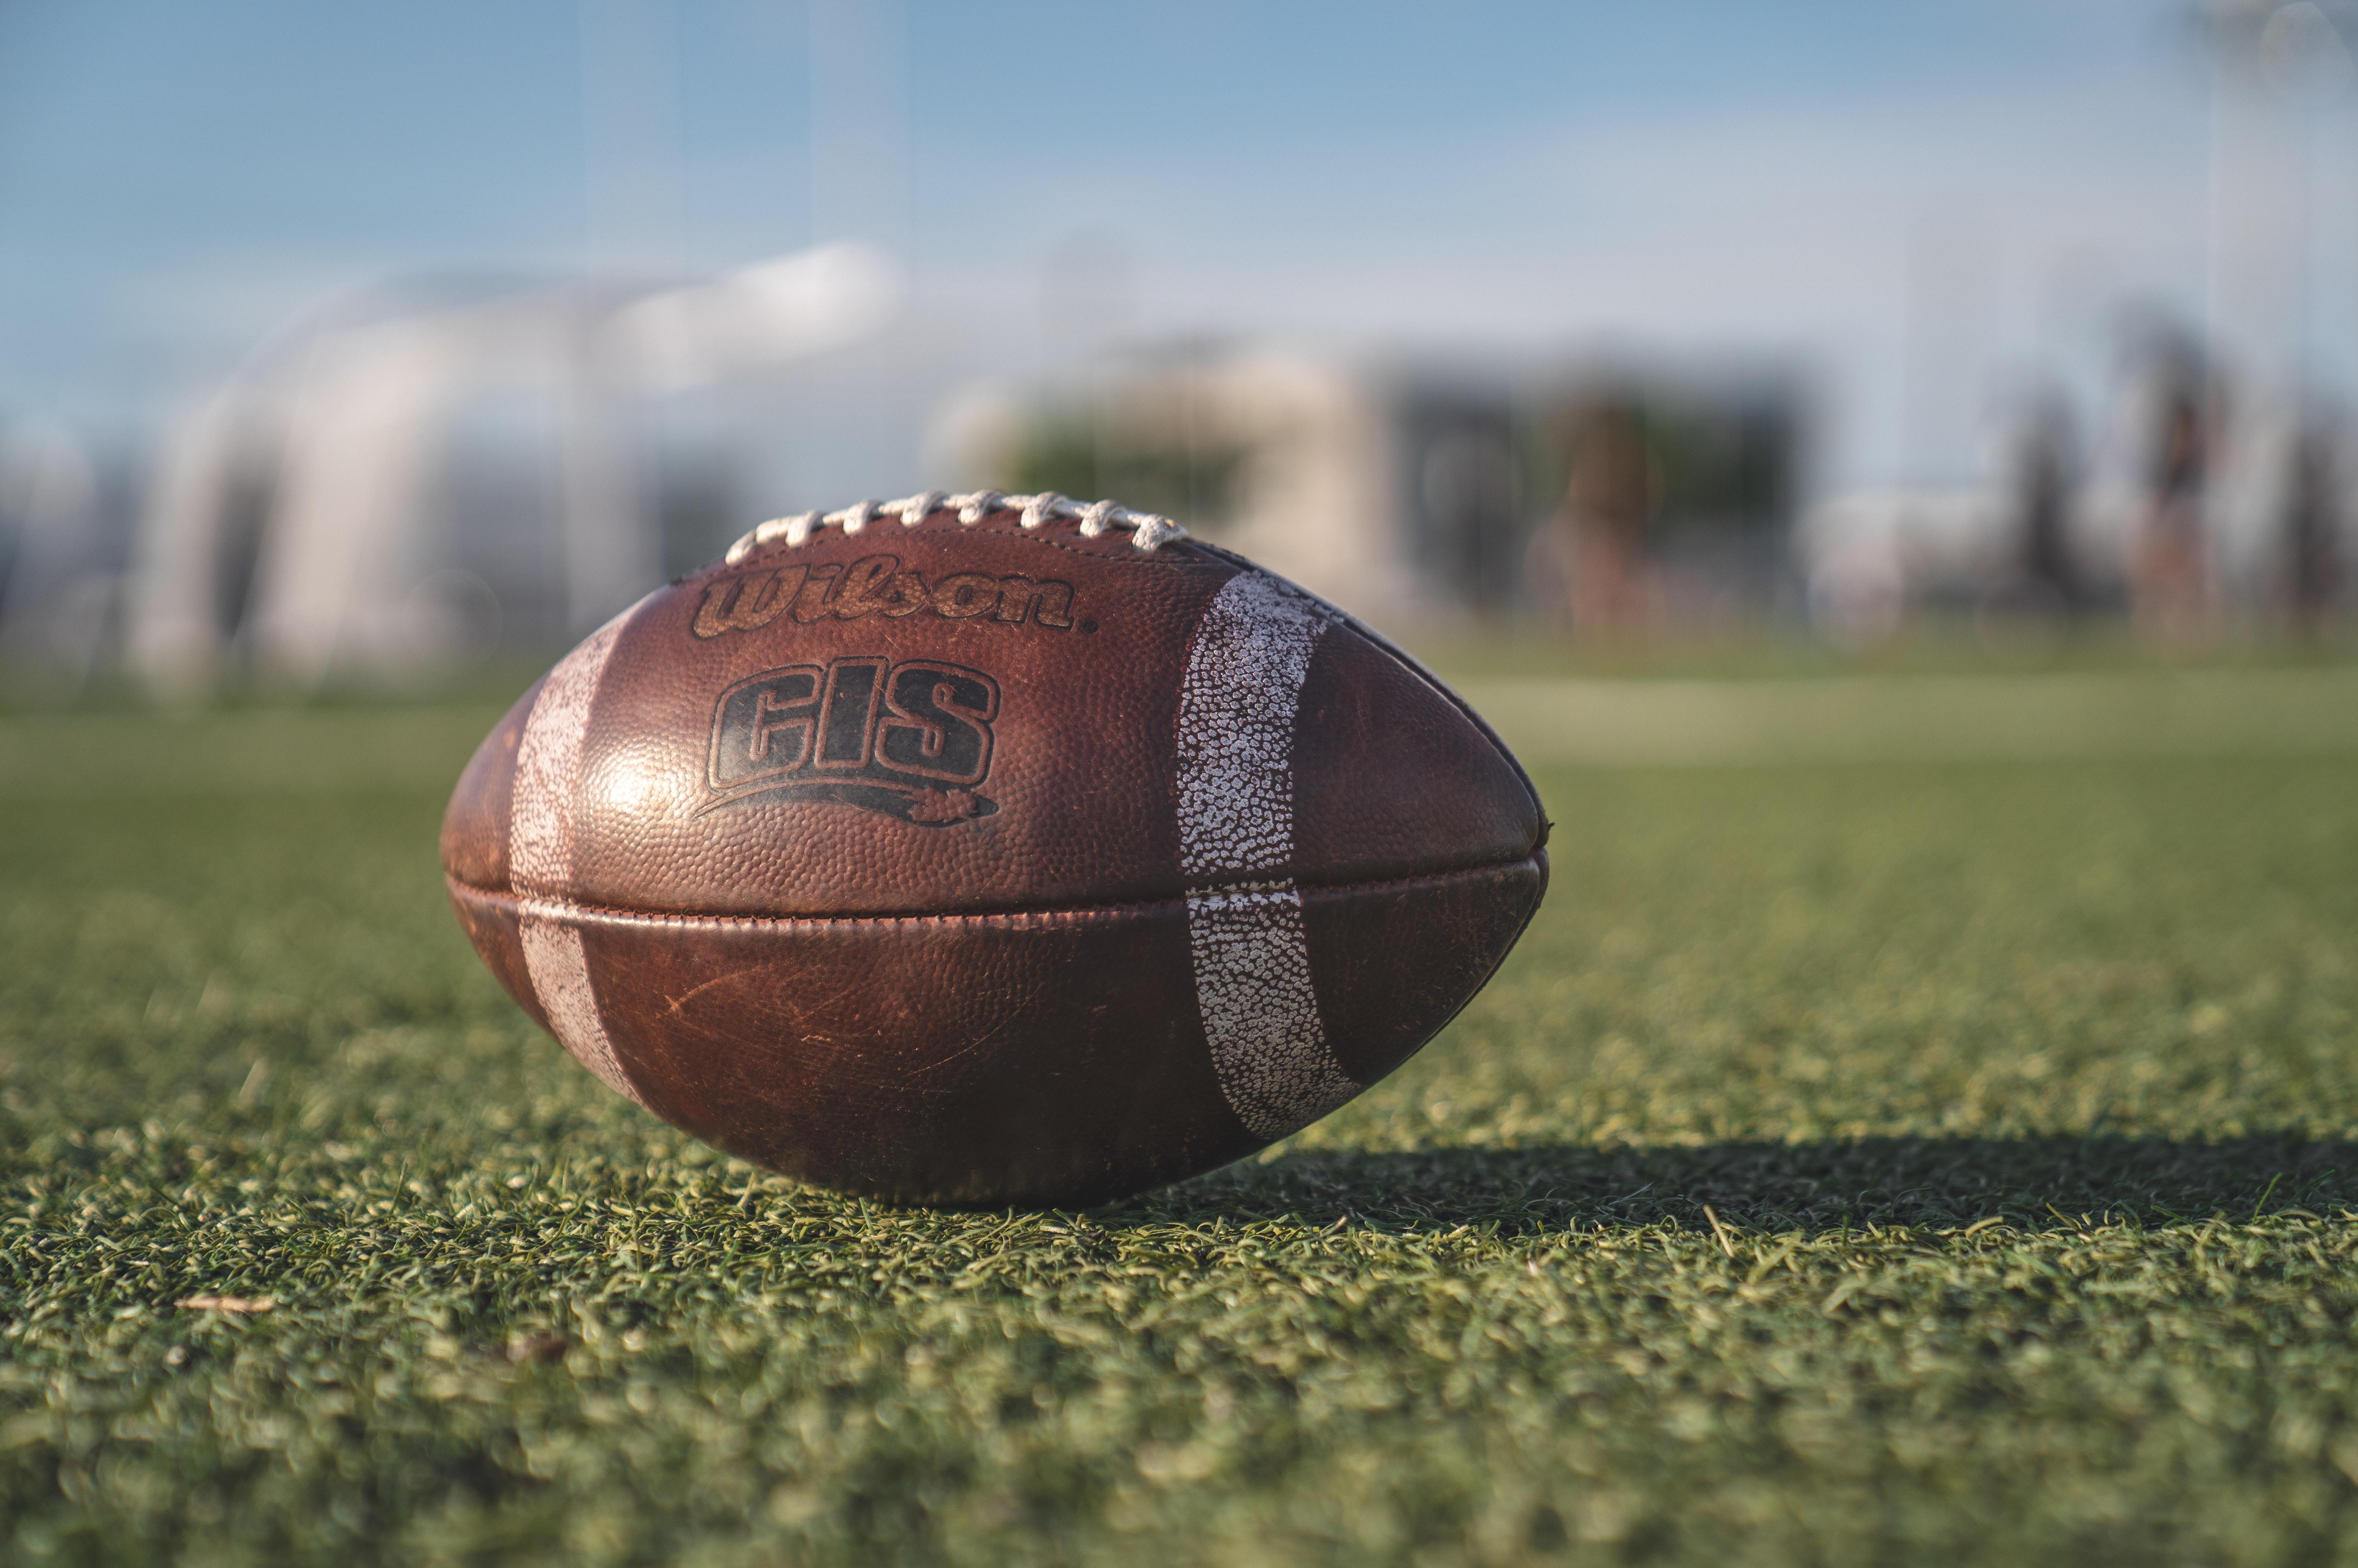 football-on-grass